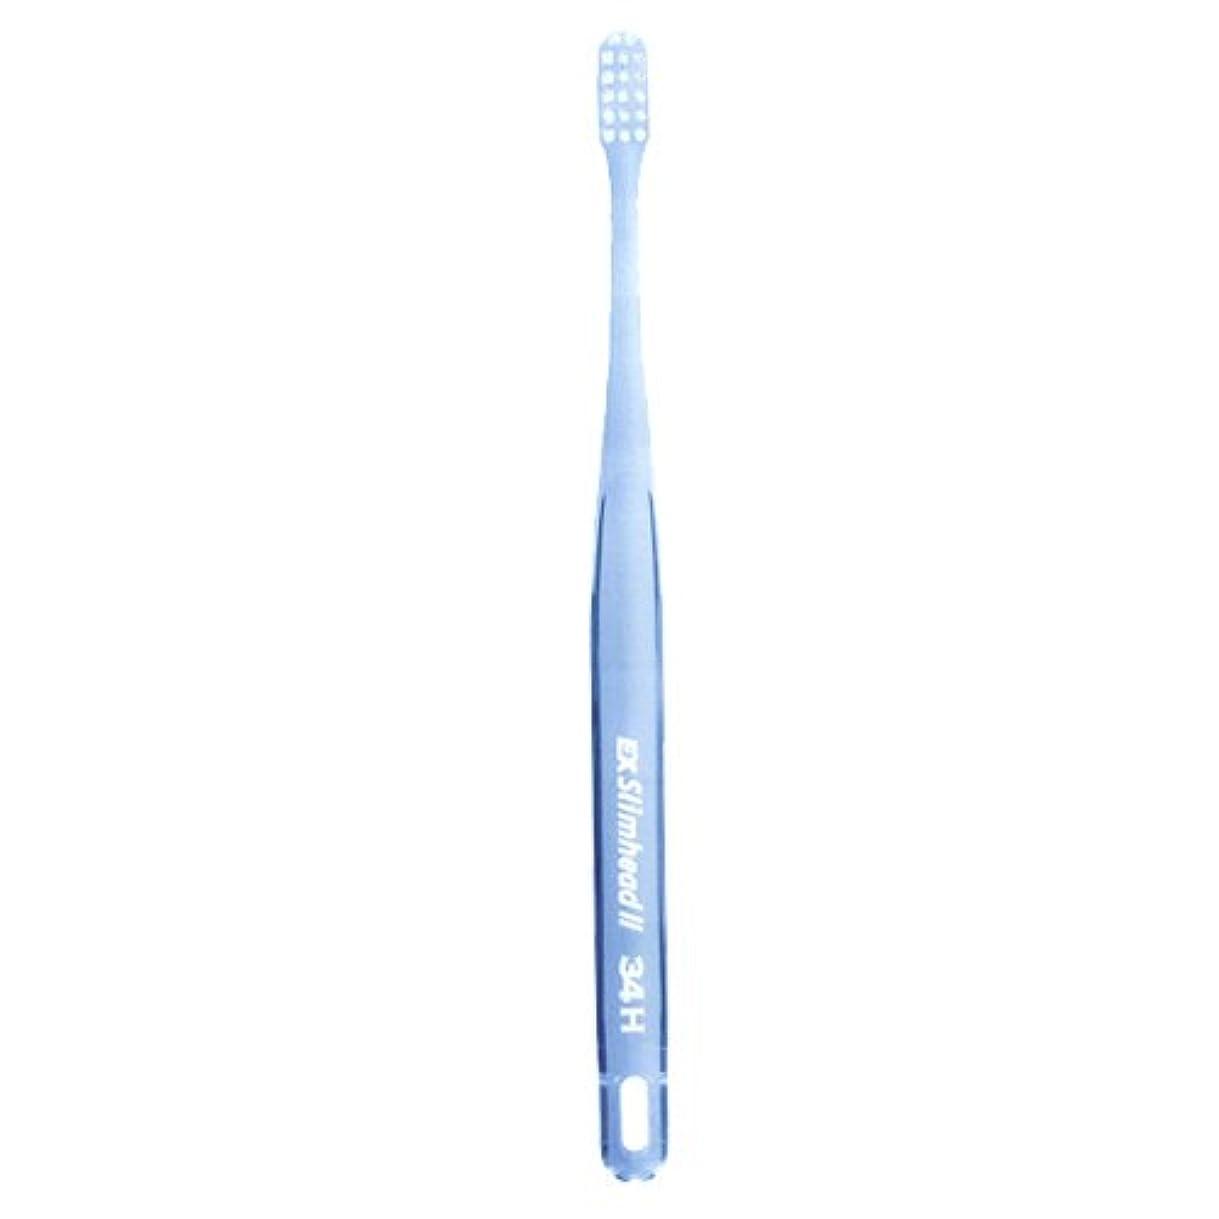 腹部ワーディアンケースペインティングライオン スリムヘッド2 歯ブラシ DENT . EX Slimhead2 1本 34S クリアブルー